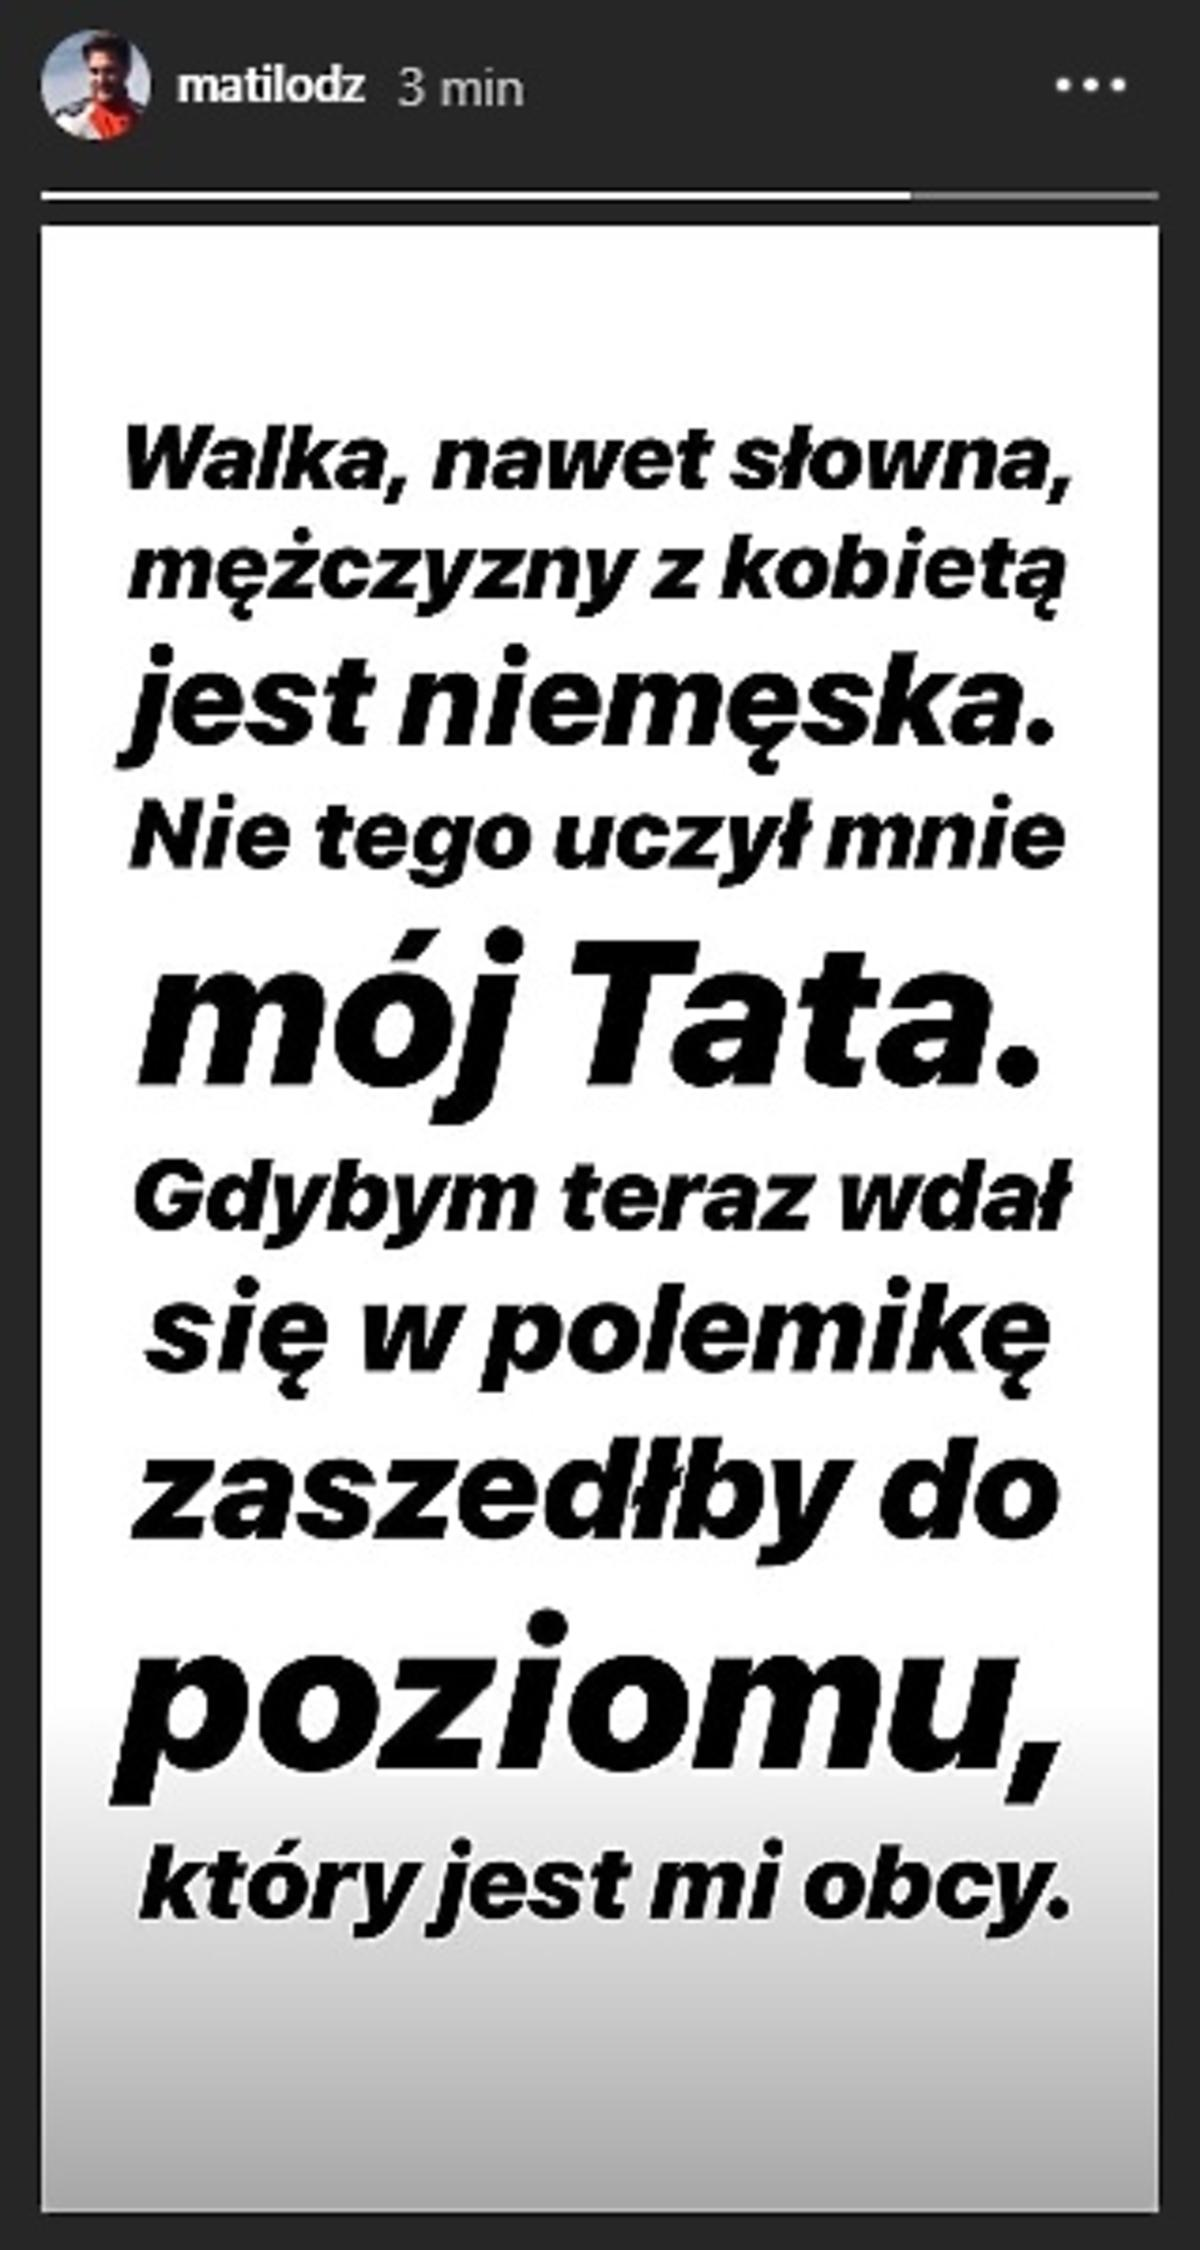 Mateusz Zalewski Instagram